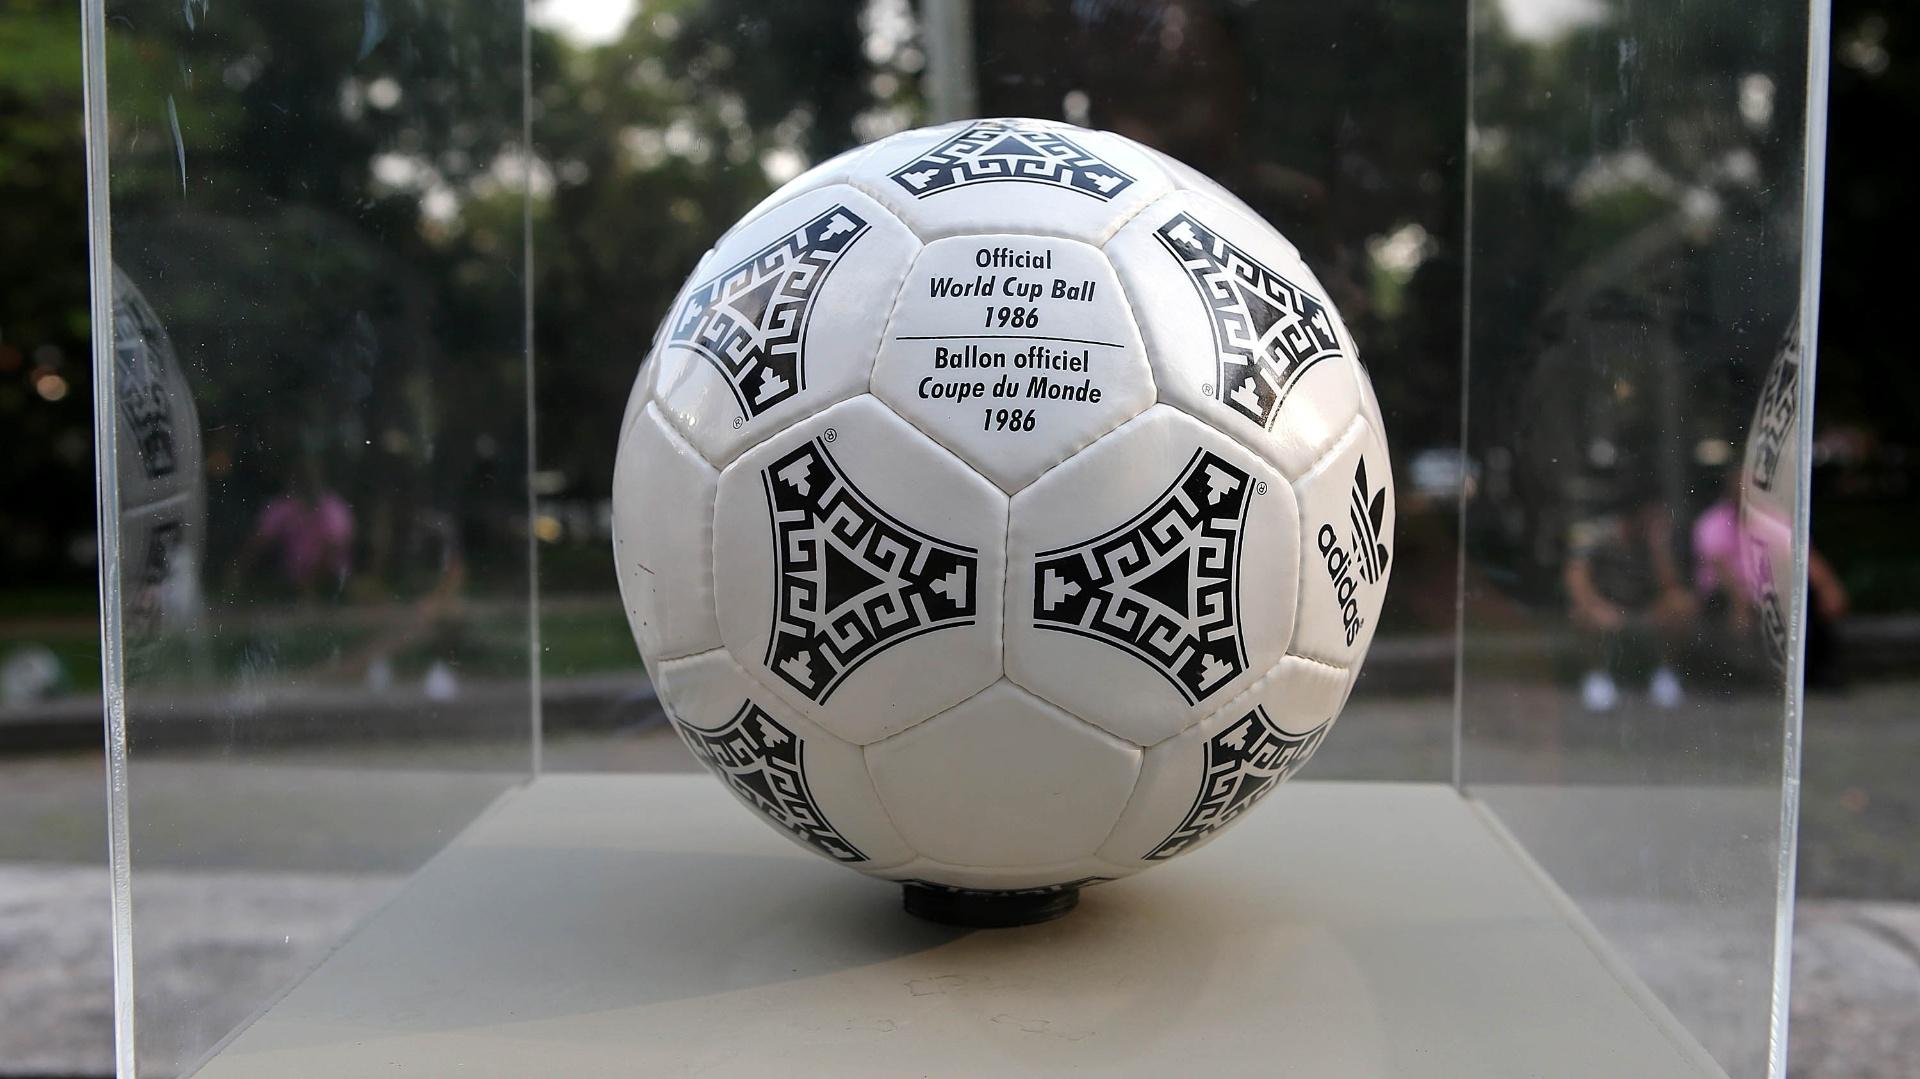 03.dez.2013 - A Azteca, bola oficial da Copa de 1986, foi a primeira a ganhar um desenho estilizado em referência ao país anfitrião, o México. O desenho é a reprodução de um mural asteca.